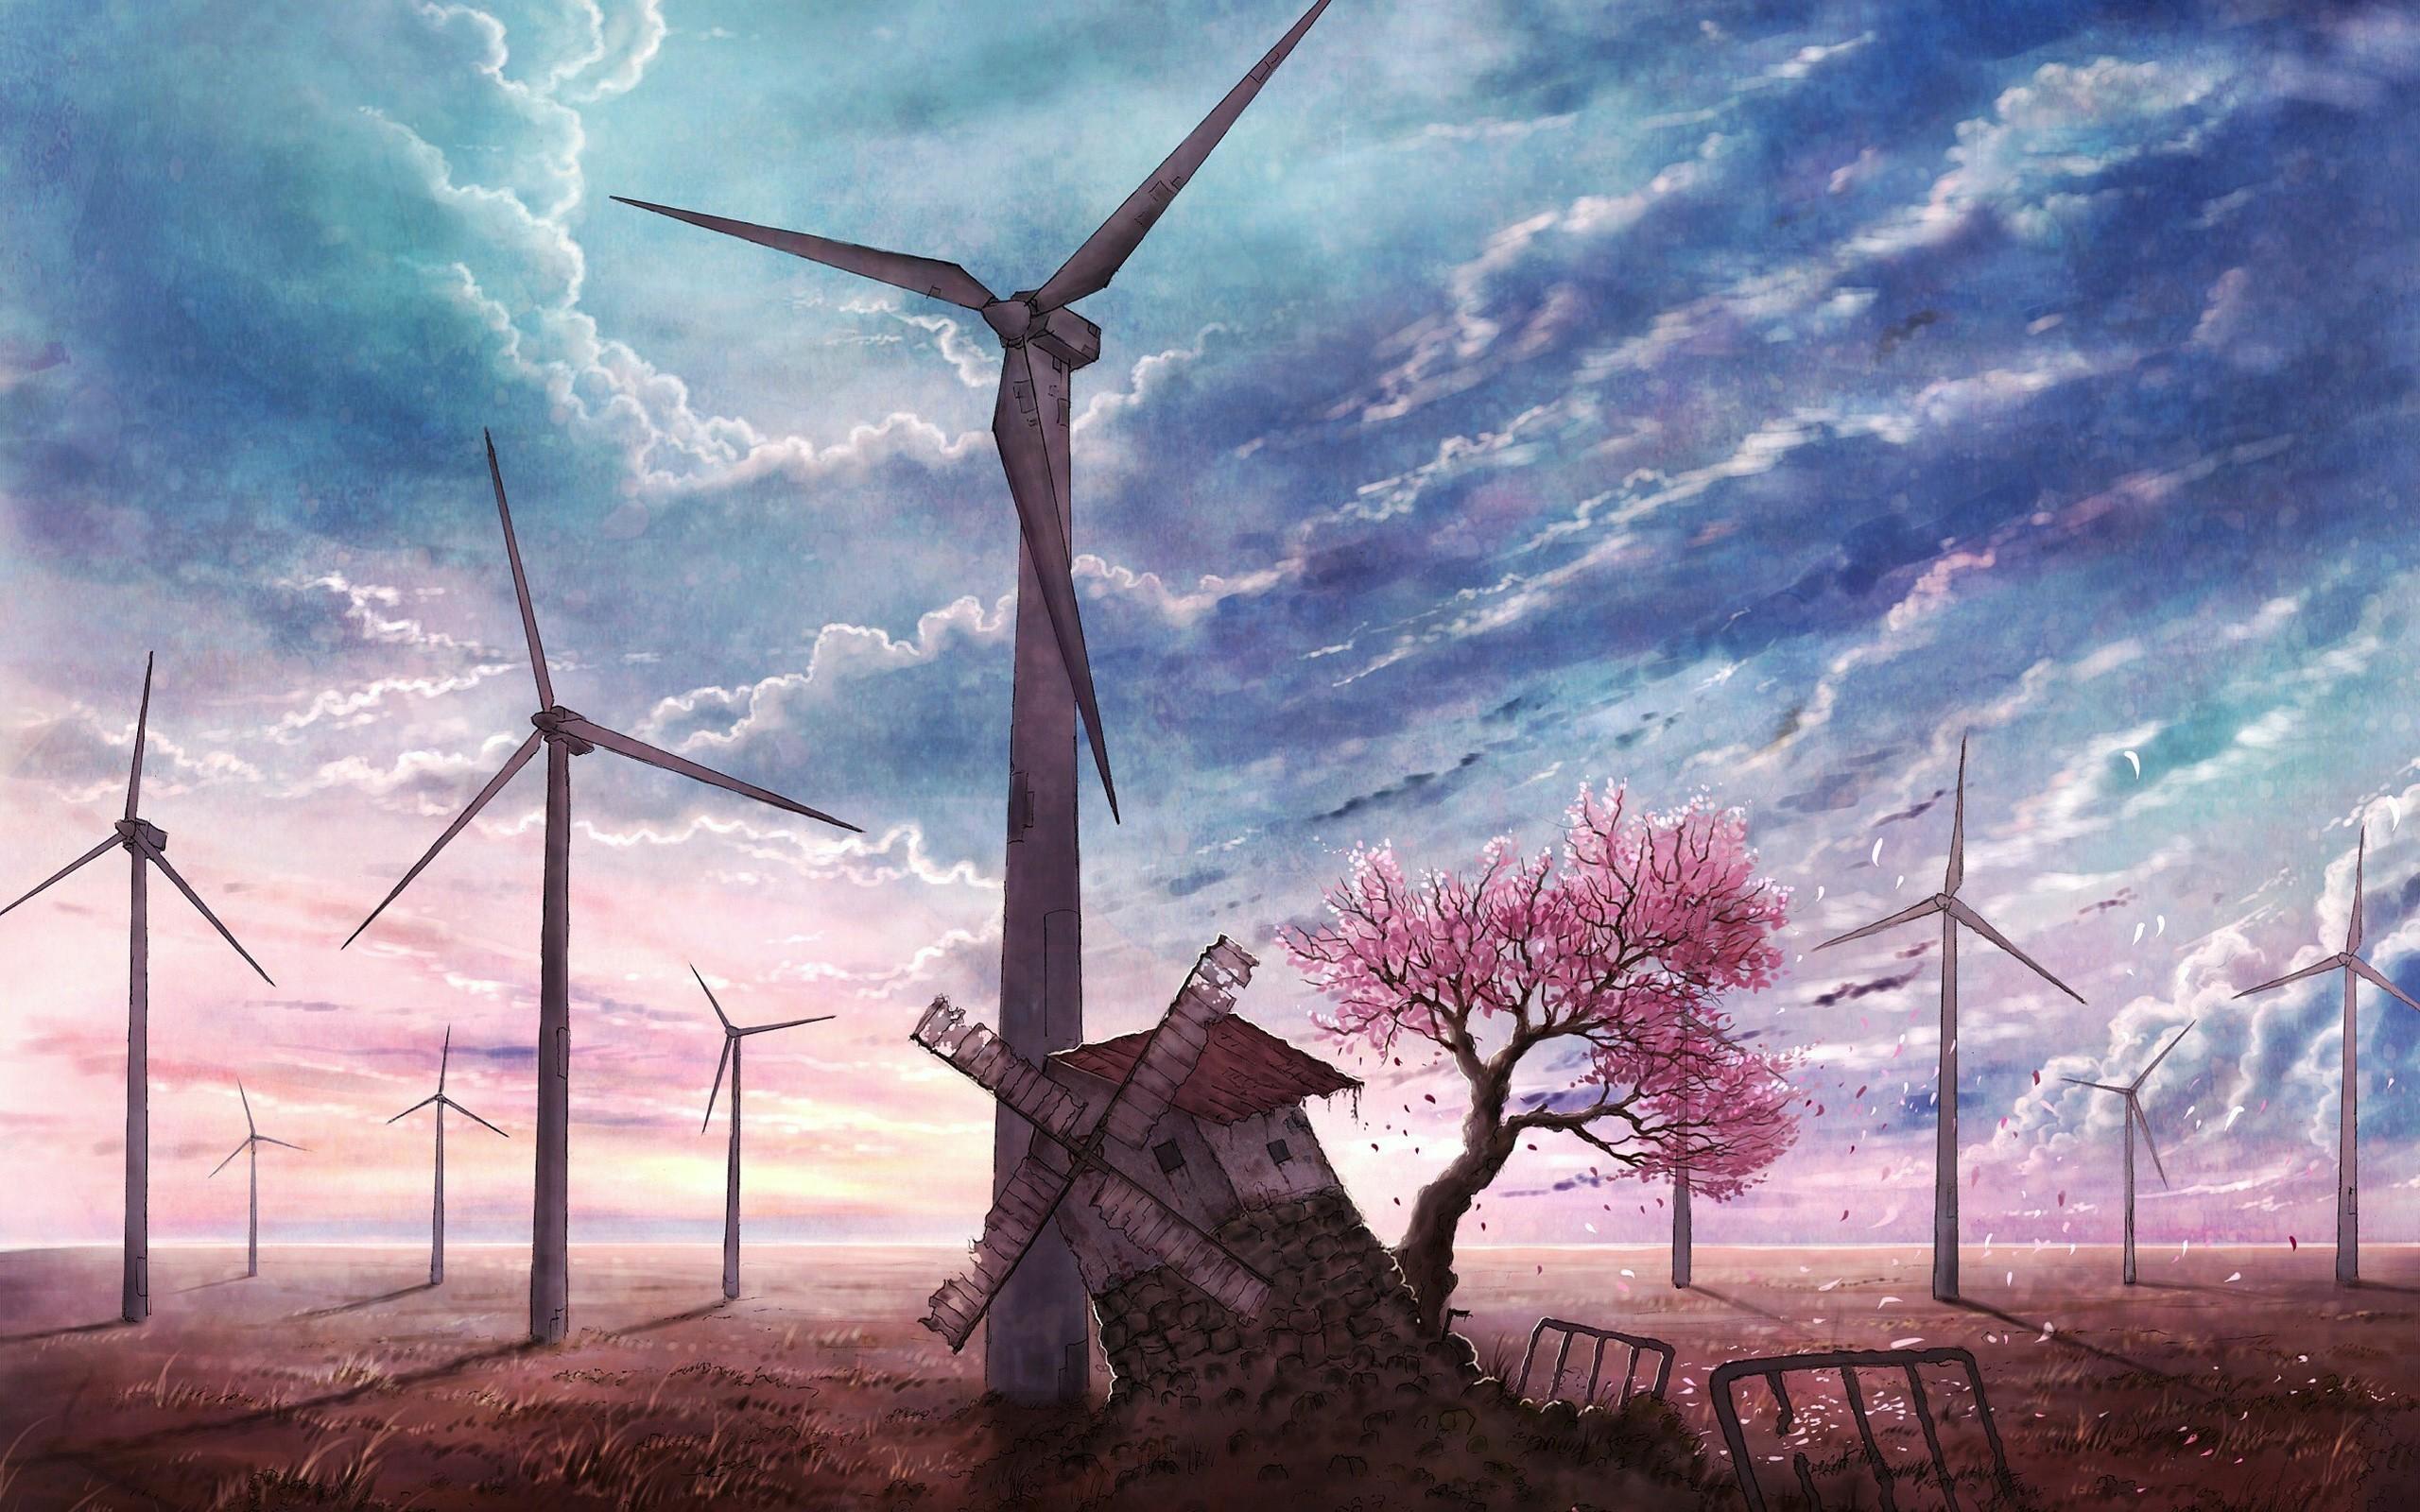 fond d'ecran anime eolienne